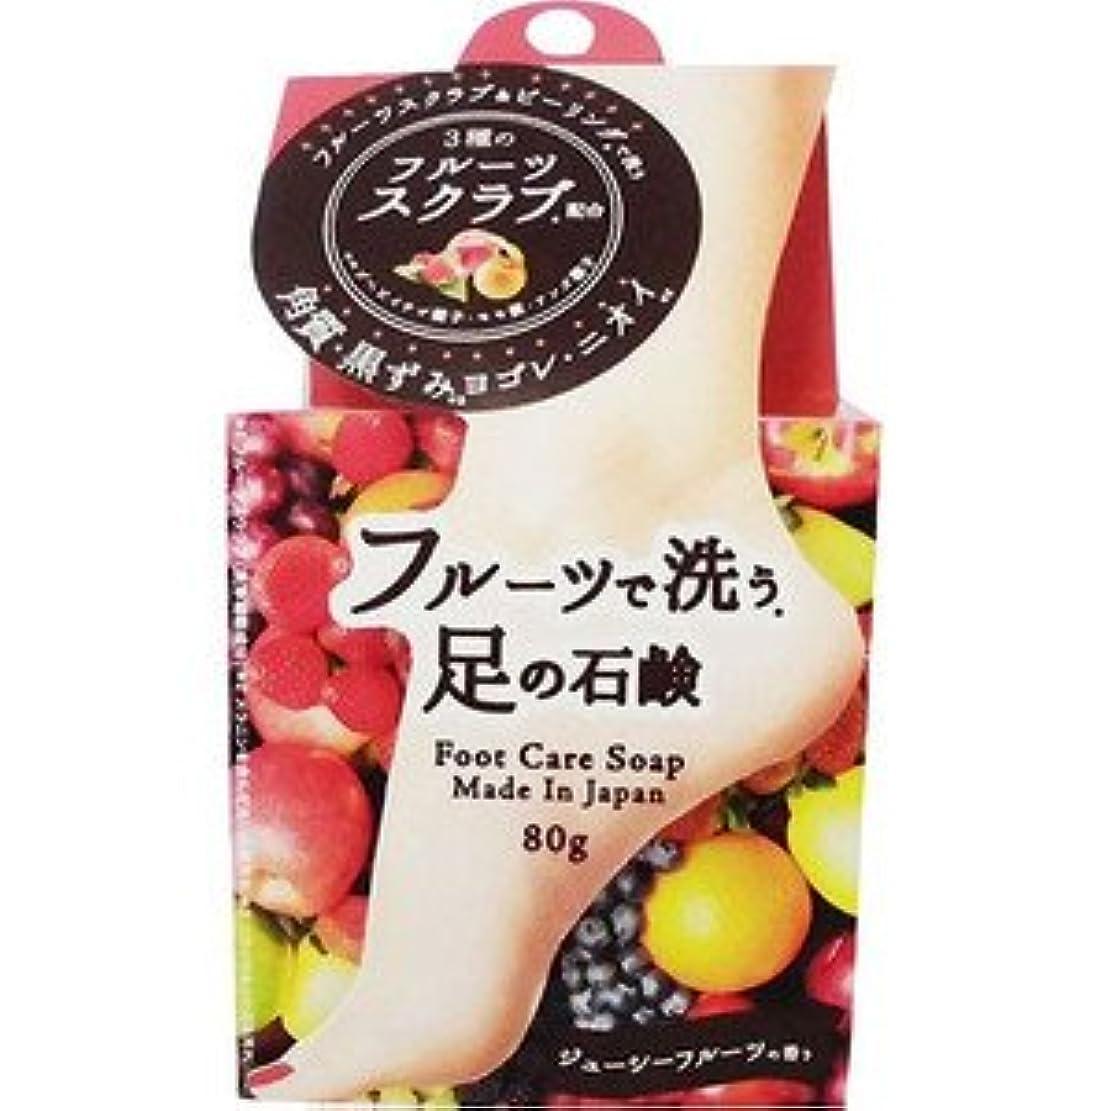 チップ翻訳する意味のある(ペリカン石鹸)フルーツで洗う足の石鹸 ジューシーフルーツの香り 80g